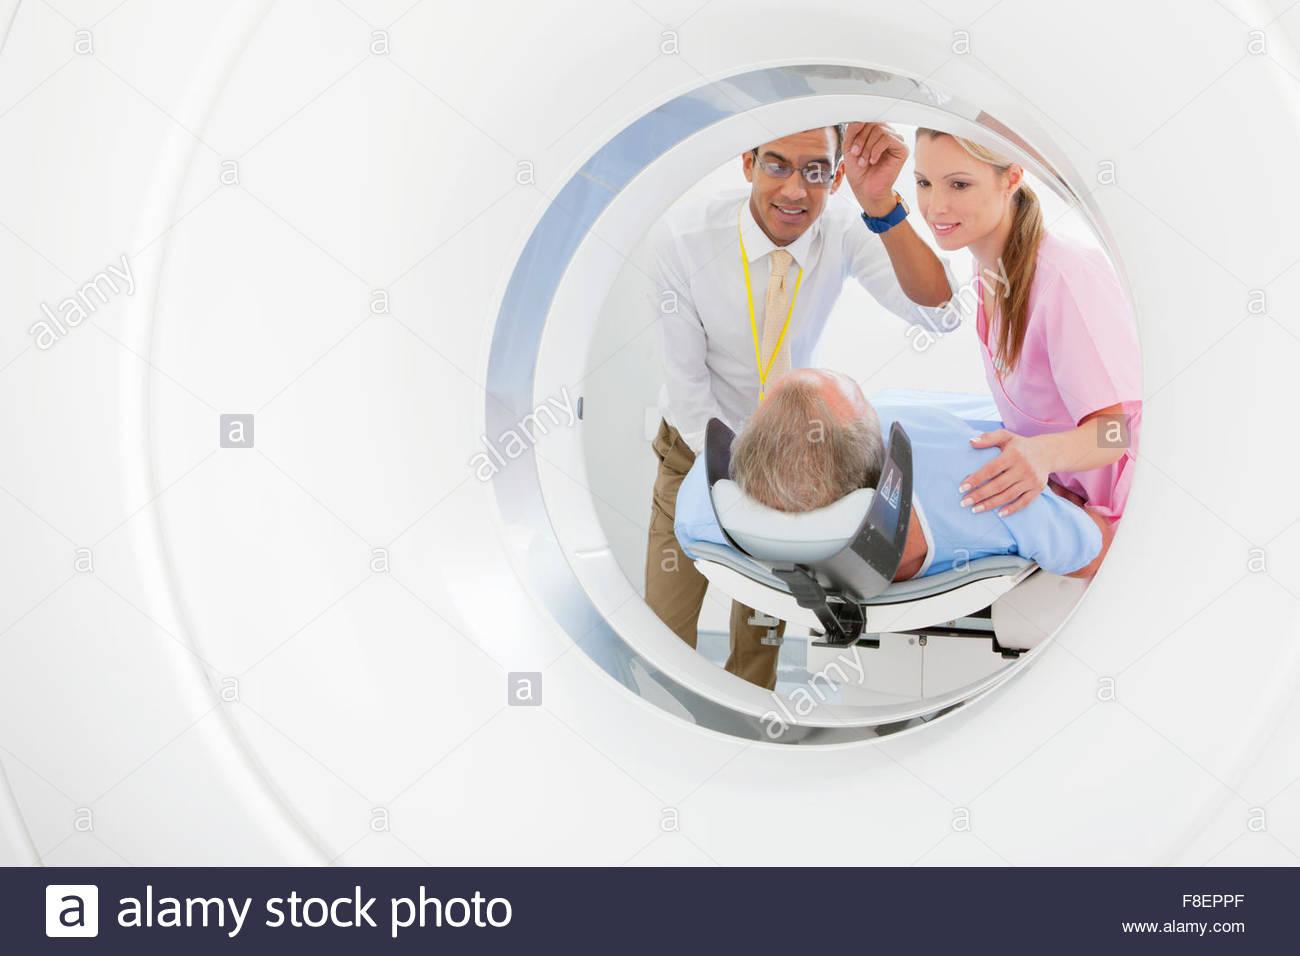 Médecin et infirmière technicien préparation patient à l'hôpital dans le tube du scanner Photo Stock